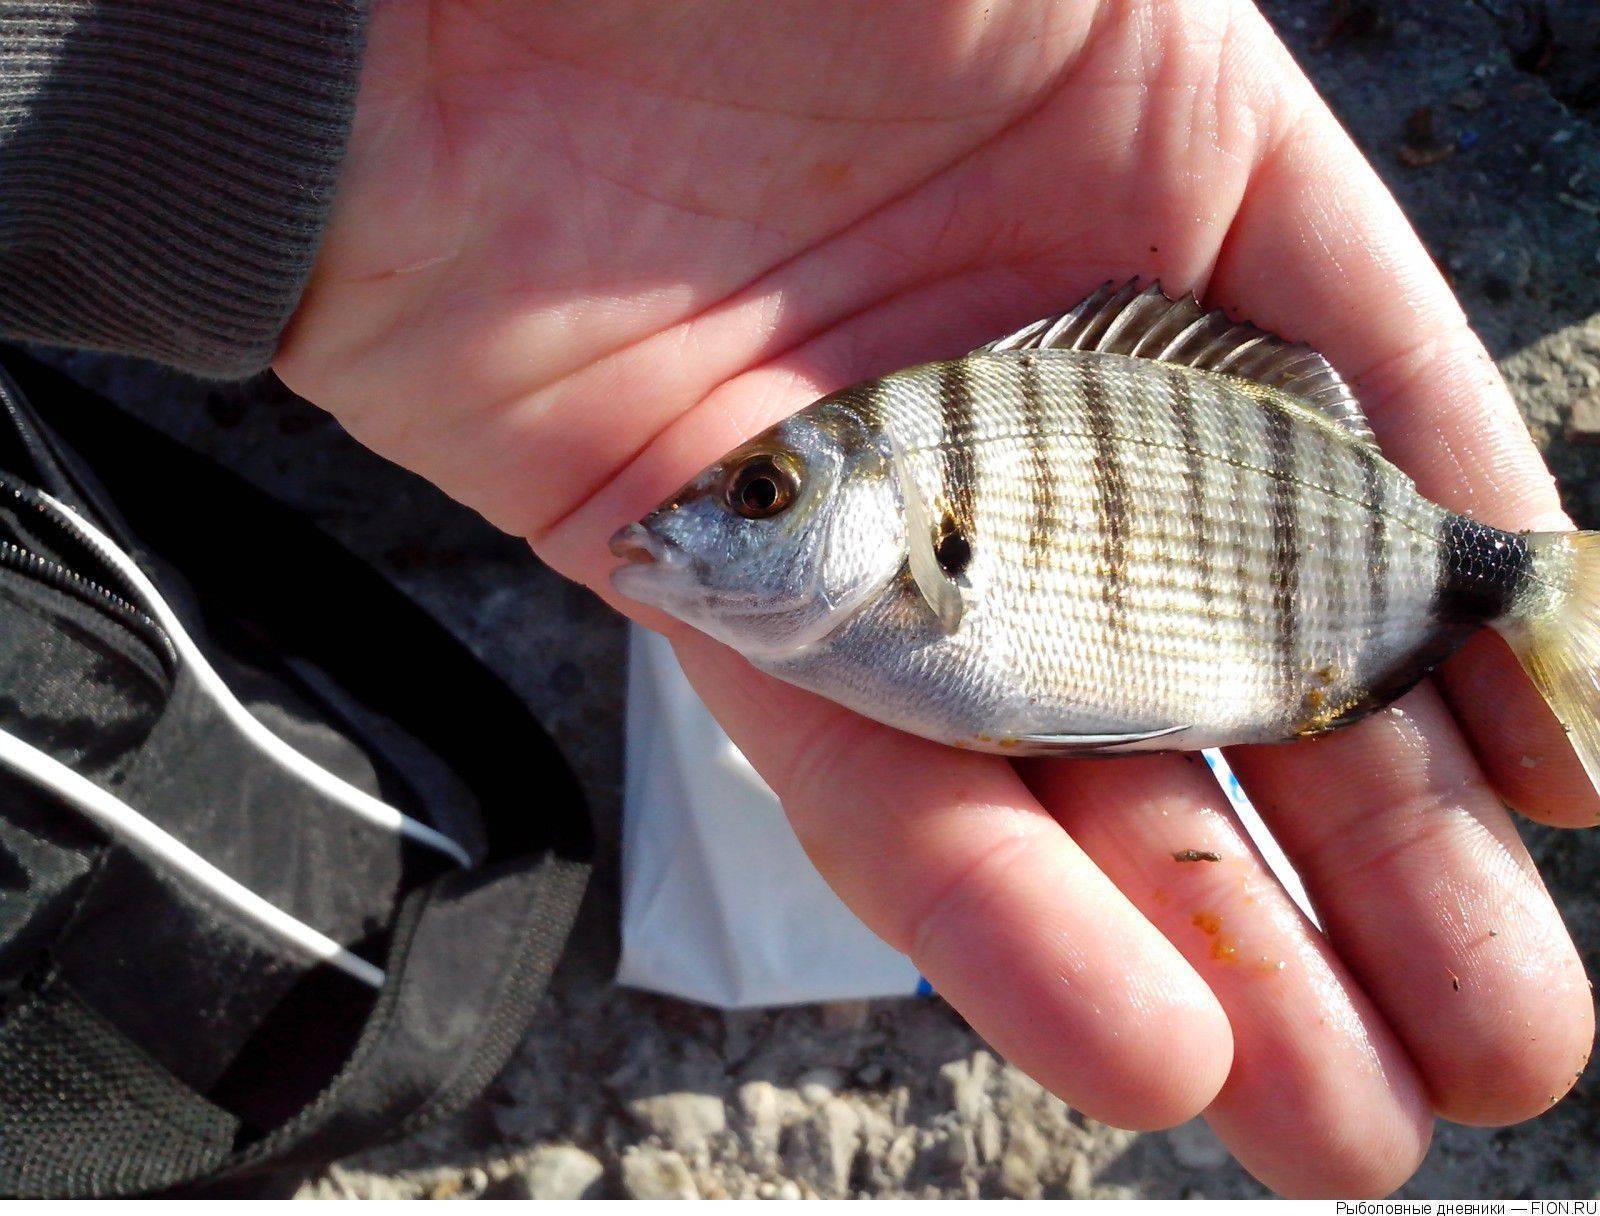 Карась: фото карася. рыба карась, виды карася: золотой и серебрянный. где обитает и чем питается карась.